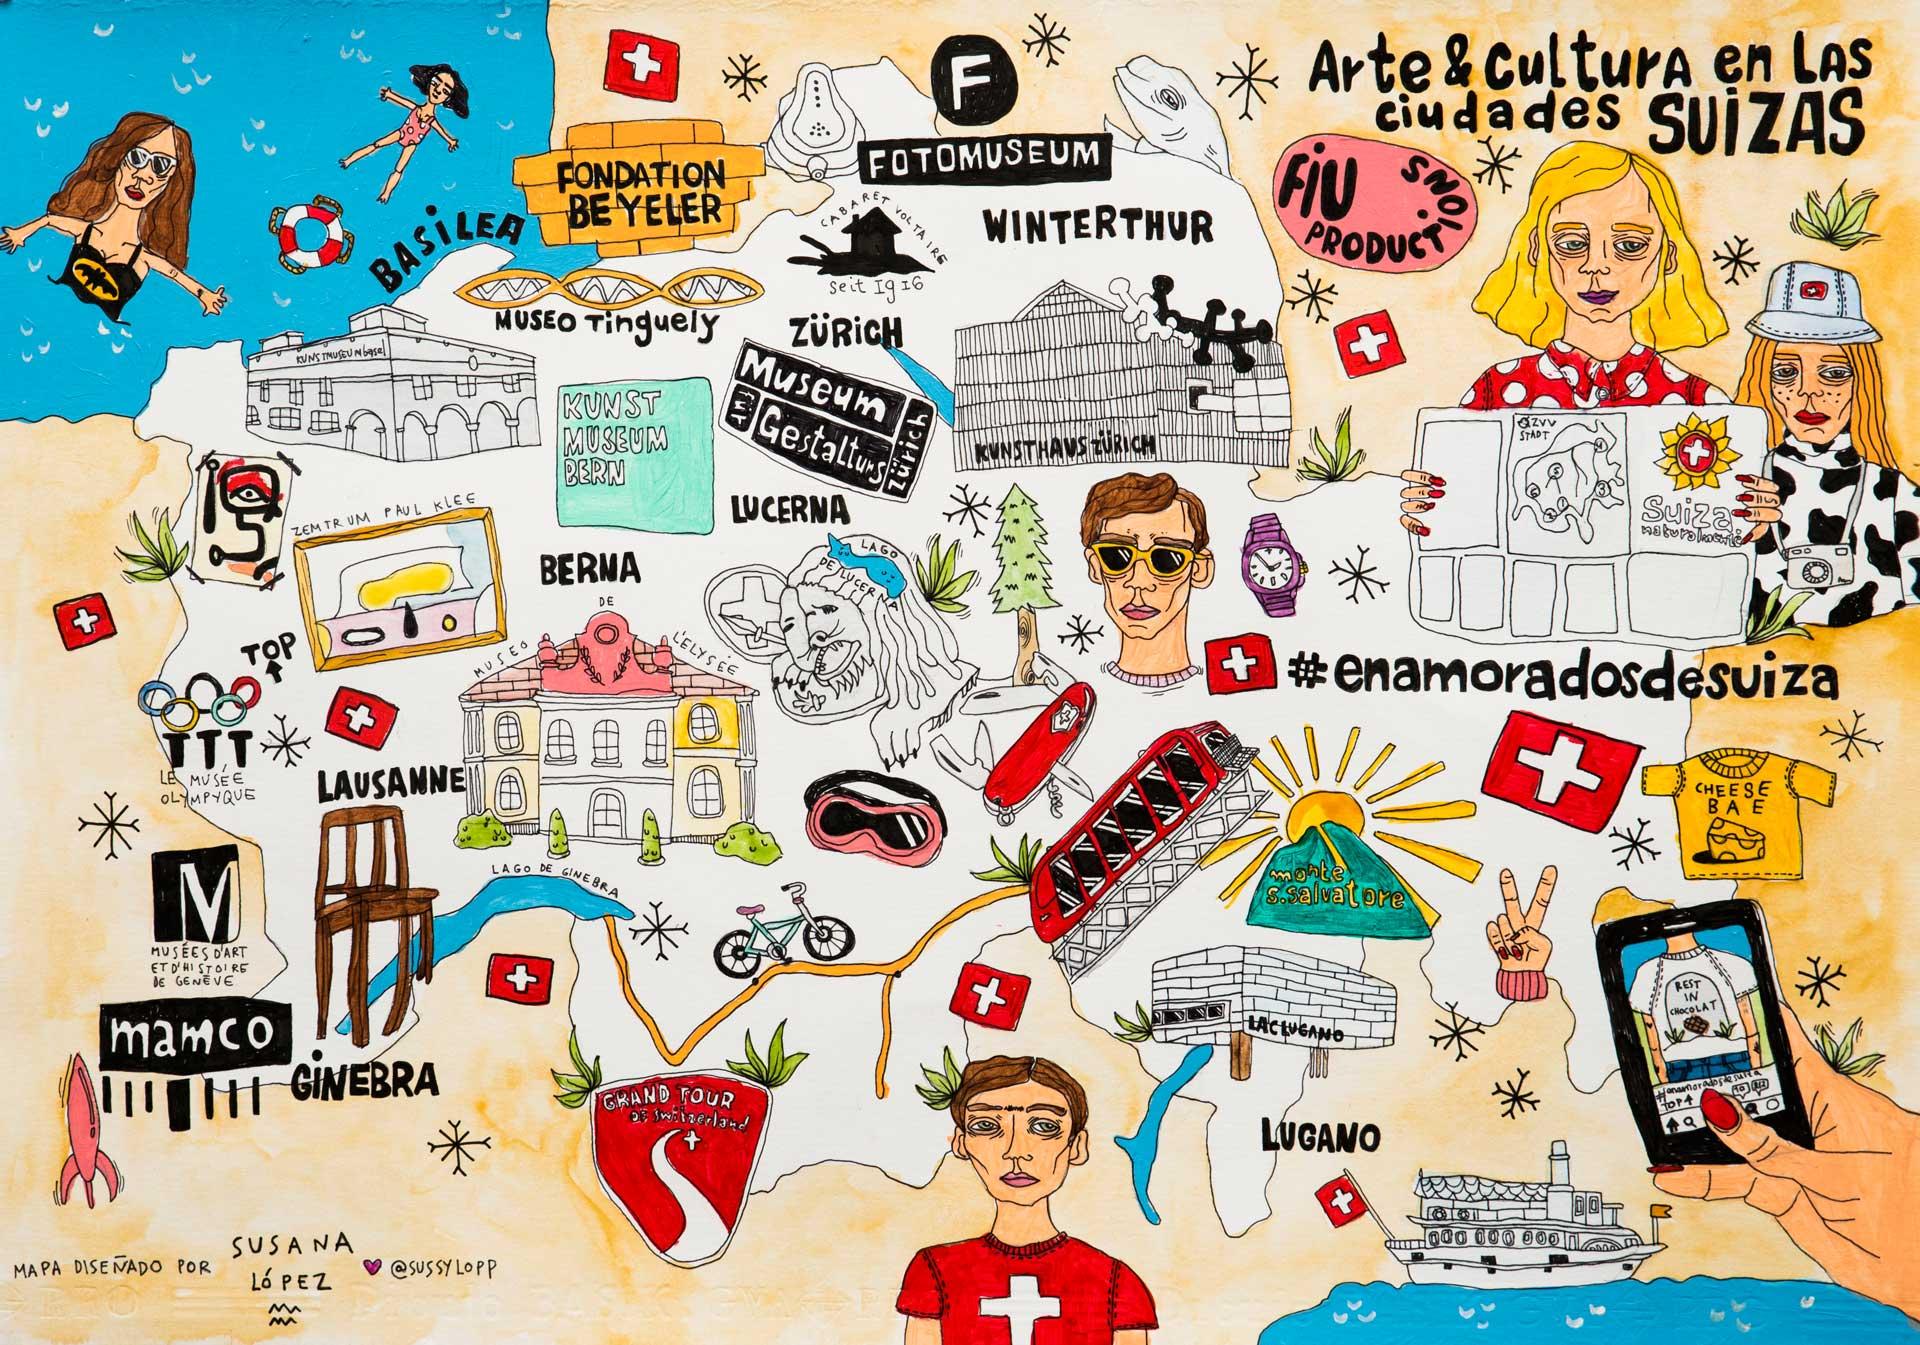 Susana López dio un look festivo al mapa de Suiza con esta colorida propuesta.